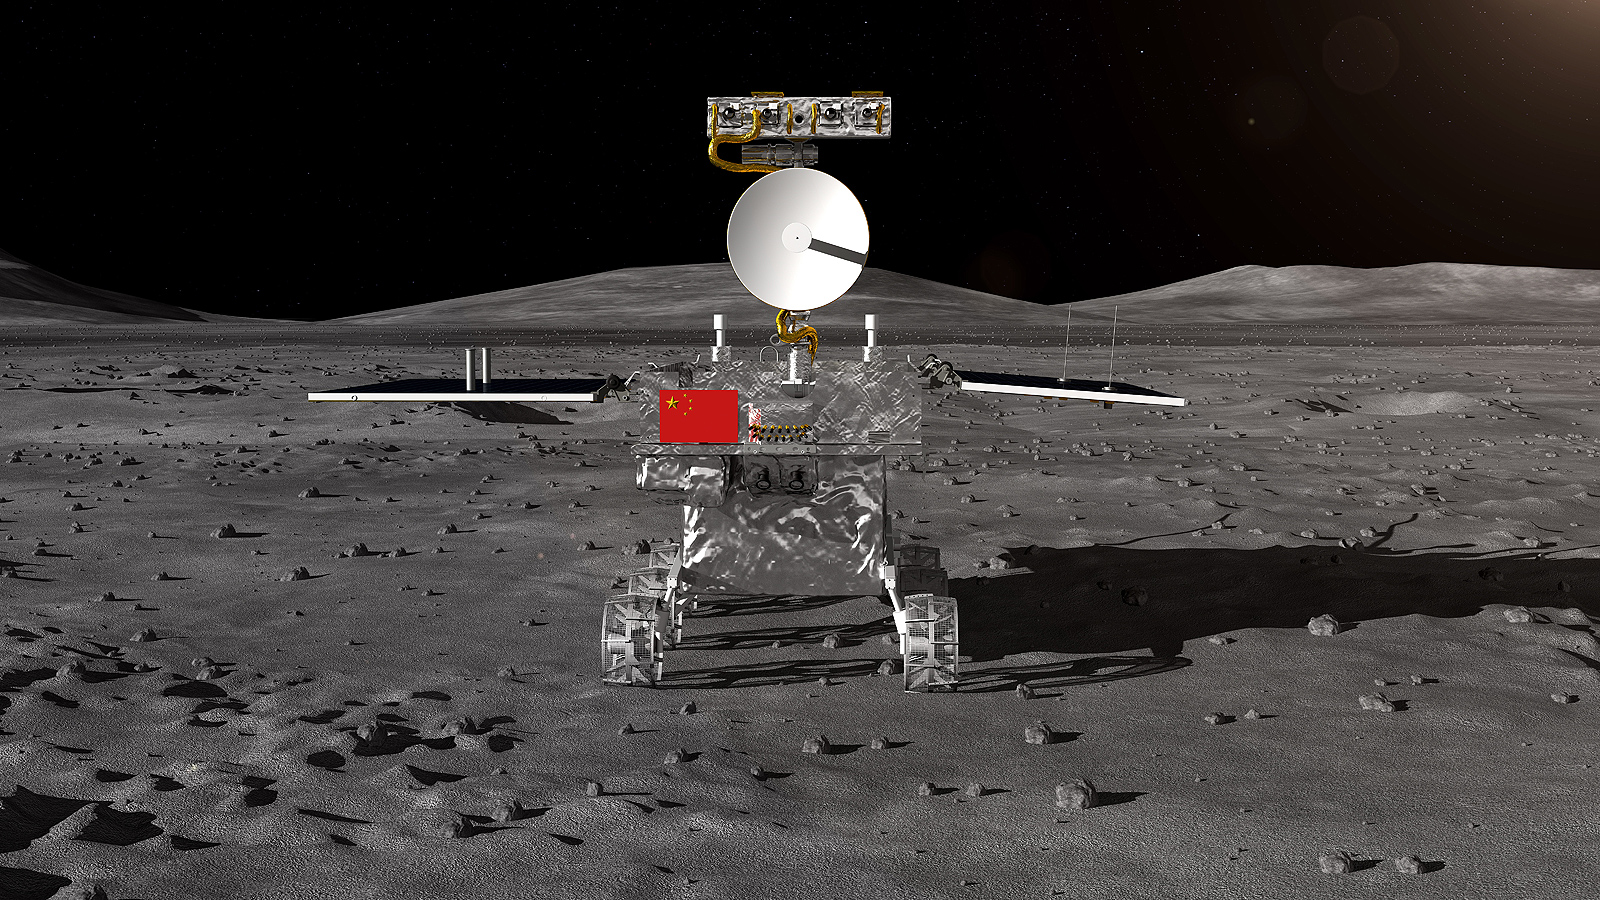 Фотографска снимка, предоставена от Центъра за проучване и космическо инженерство на Луната на Китайската национална космическа администрация (CNSA) на 2 януари 2019 г., показва как трябва да се прилуни лунната сонда на Китай Chang'e-4.